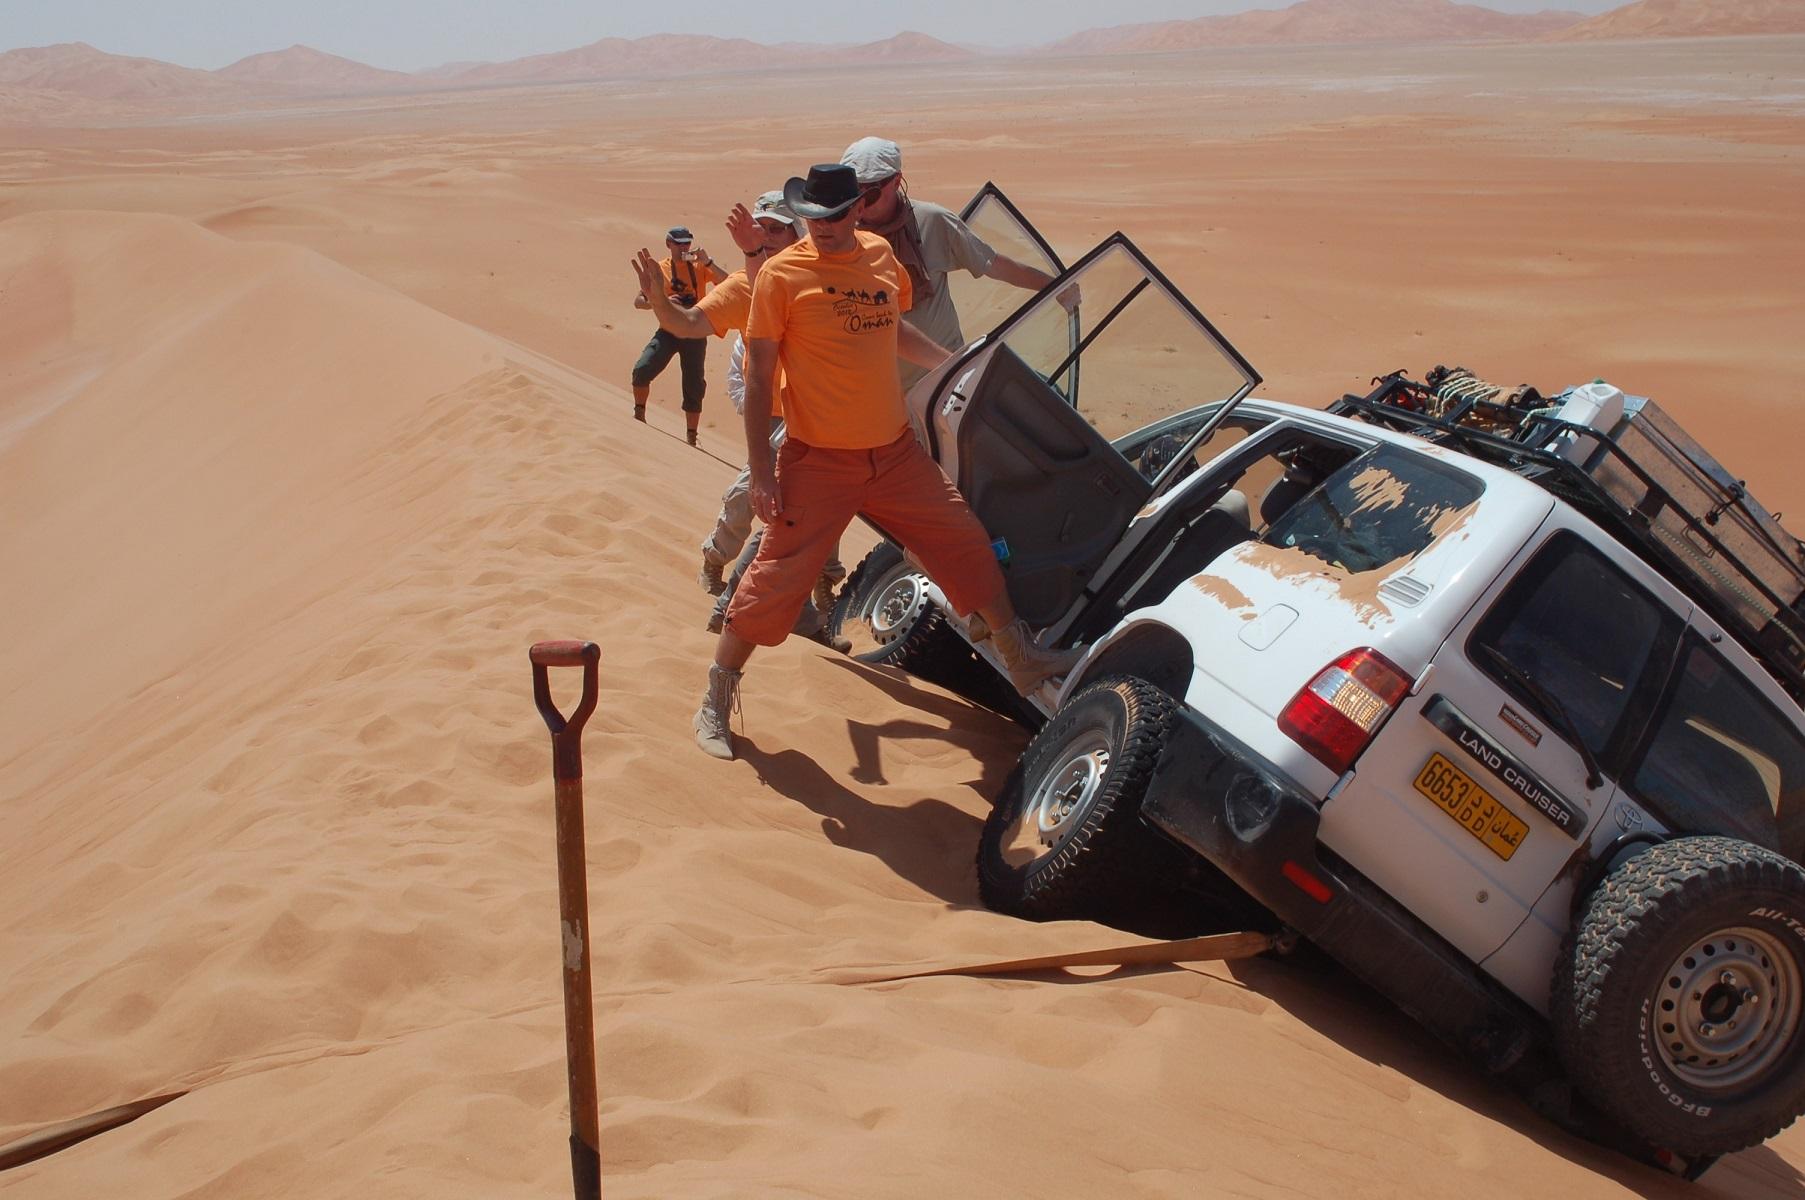 Oman - Jurek hatte Glück im Unglück, dieses Mißgeschick hätte böse enden können.